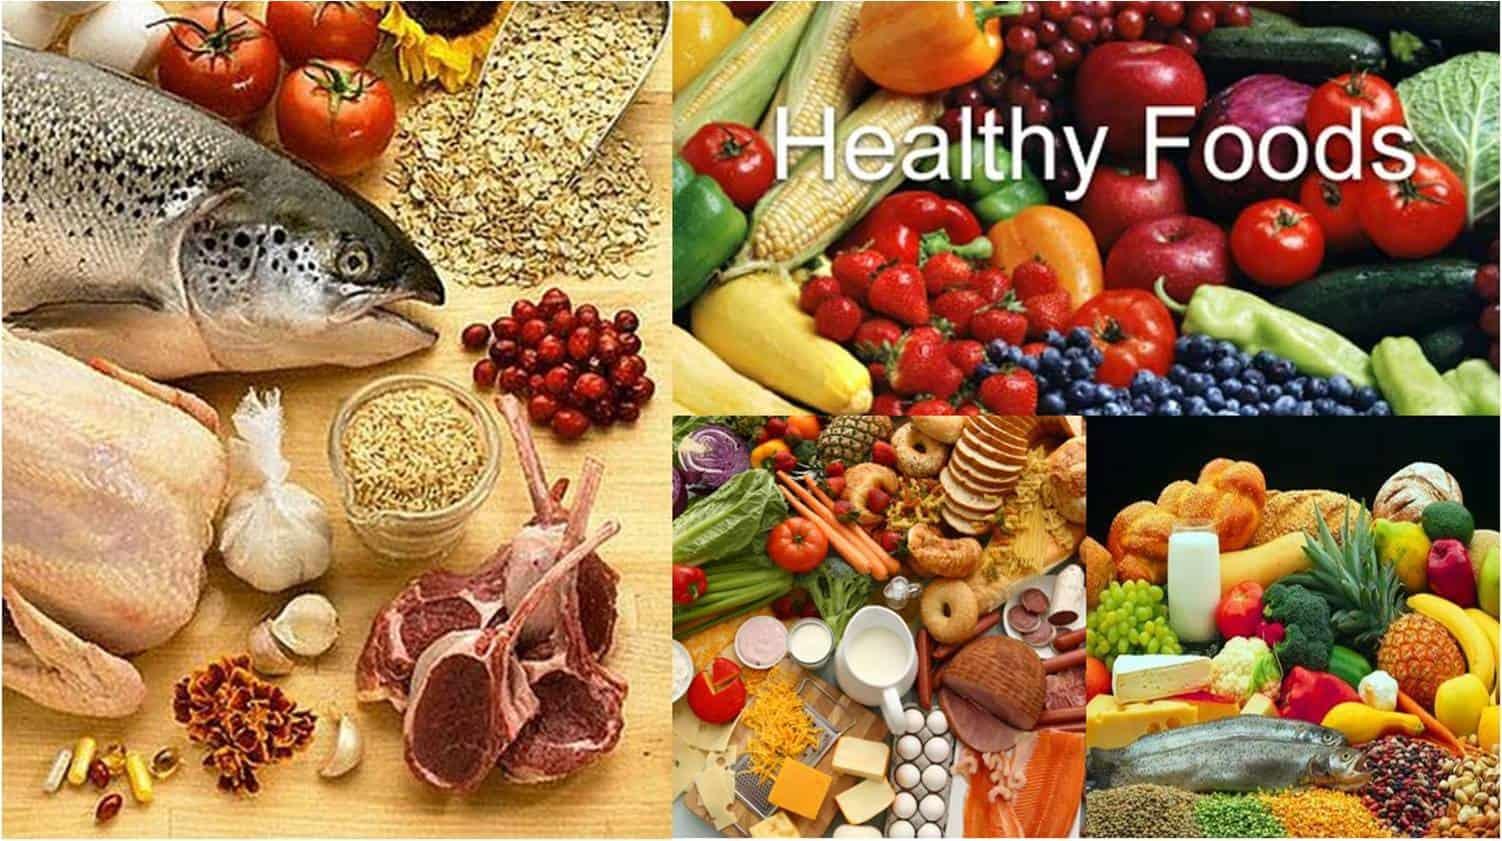 صور مطوية عن الغذاء , تعرف على الاطعامه التي تجعل جسم الانسان قوي